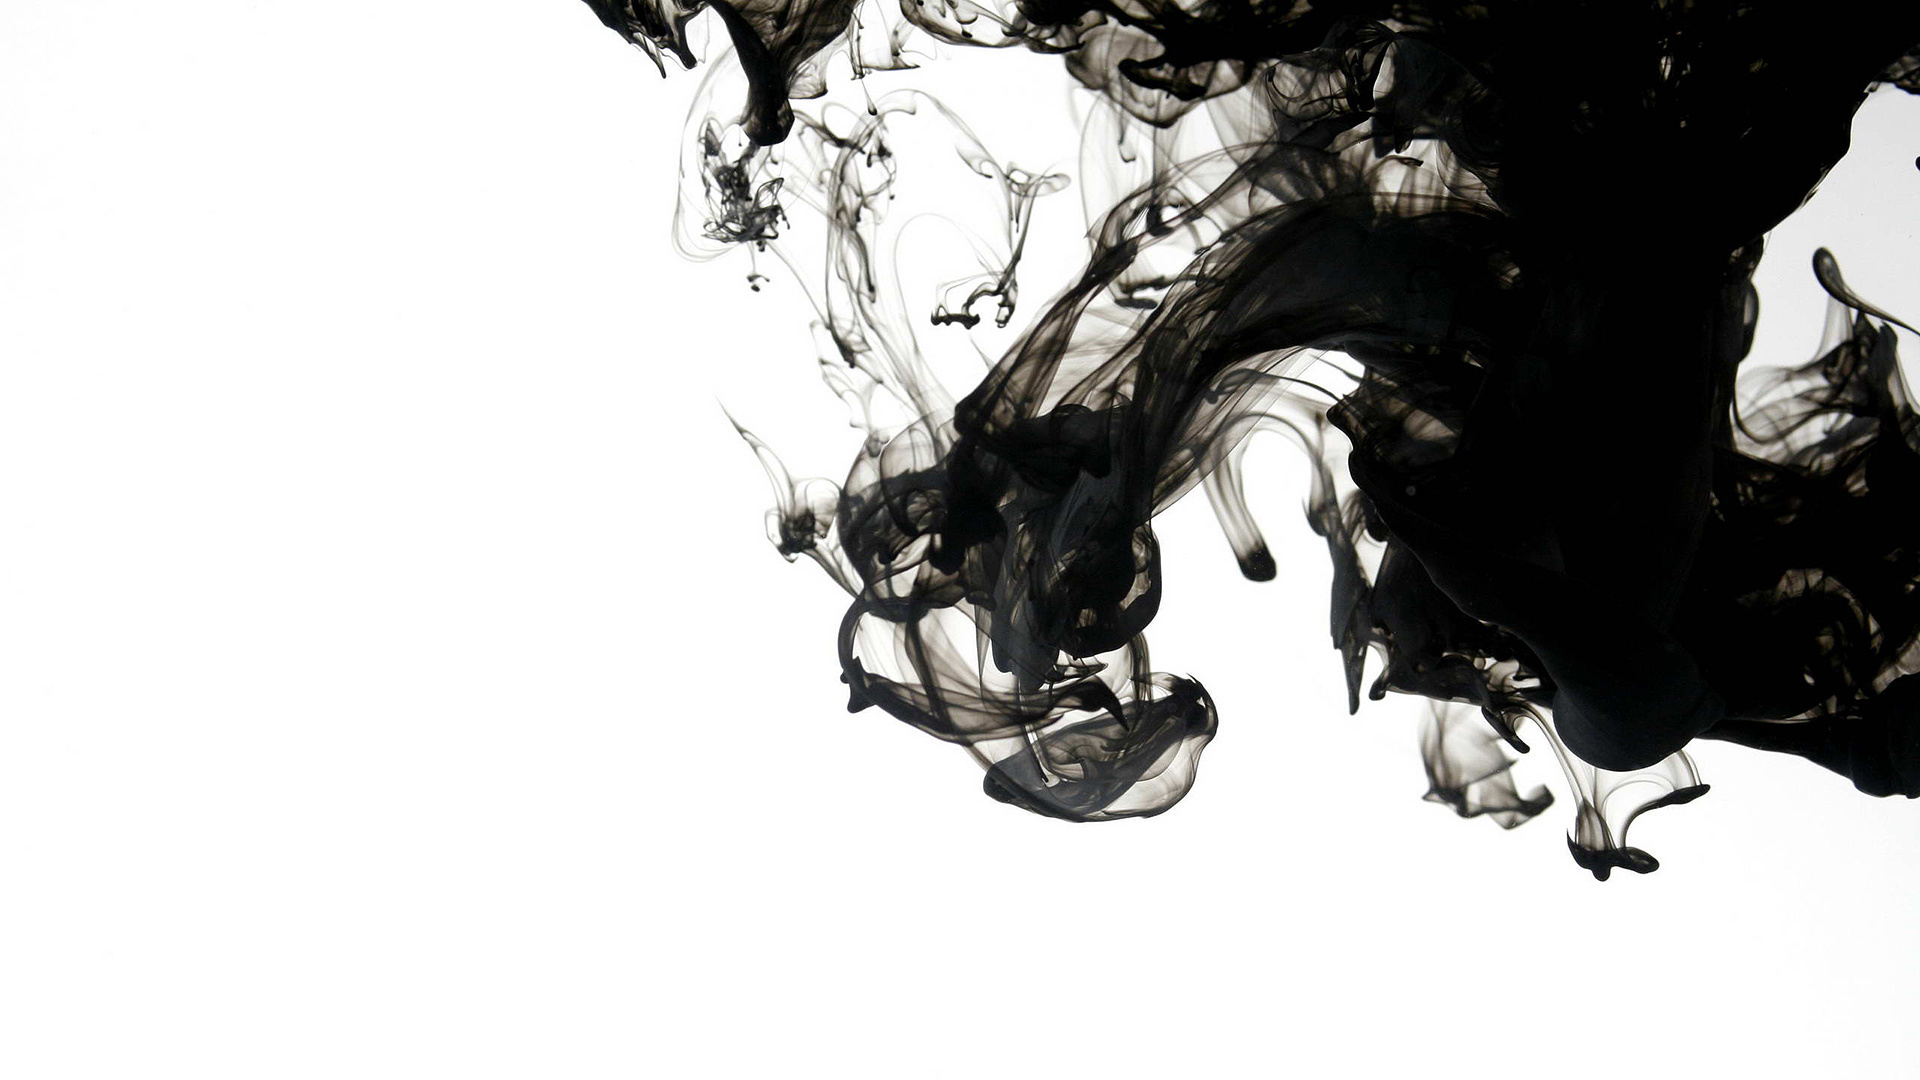 Black_smoke.jpg